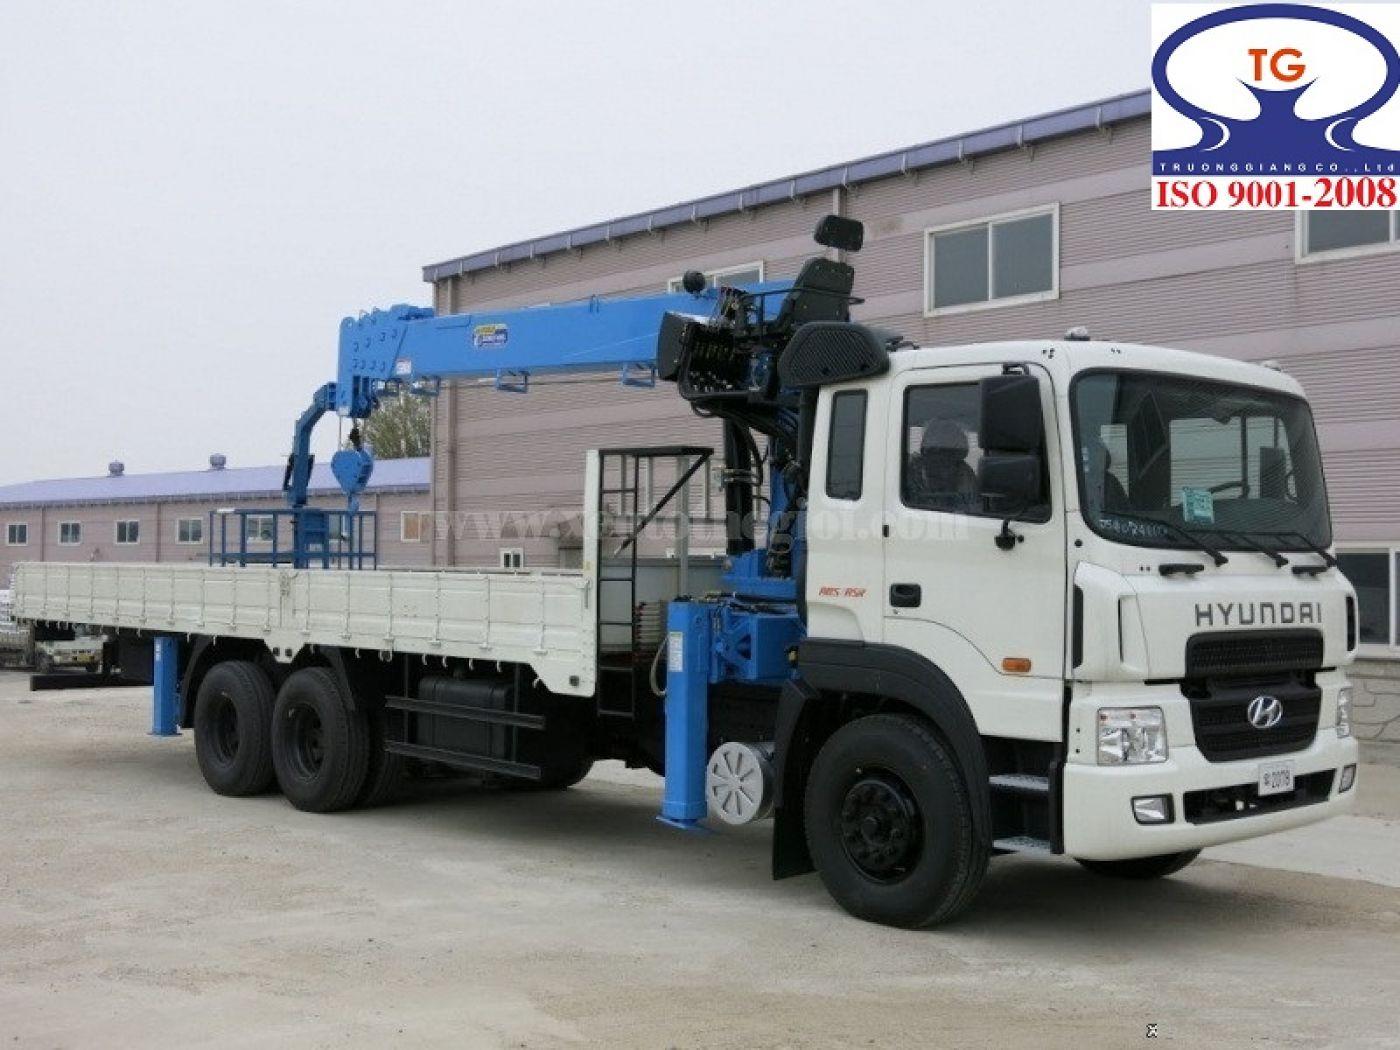 xe-cẩu-tự-hành-hyundai-hd250